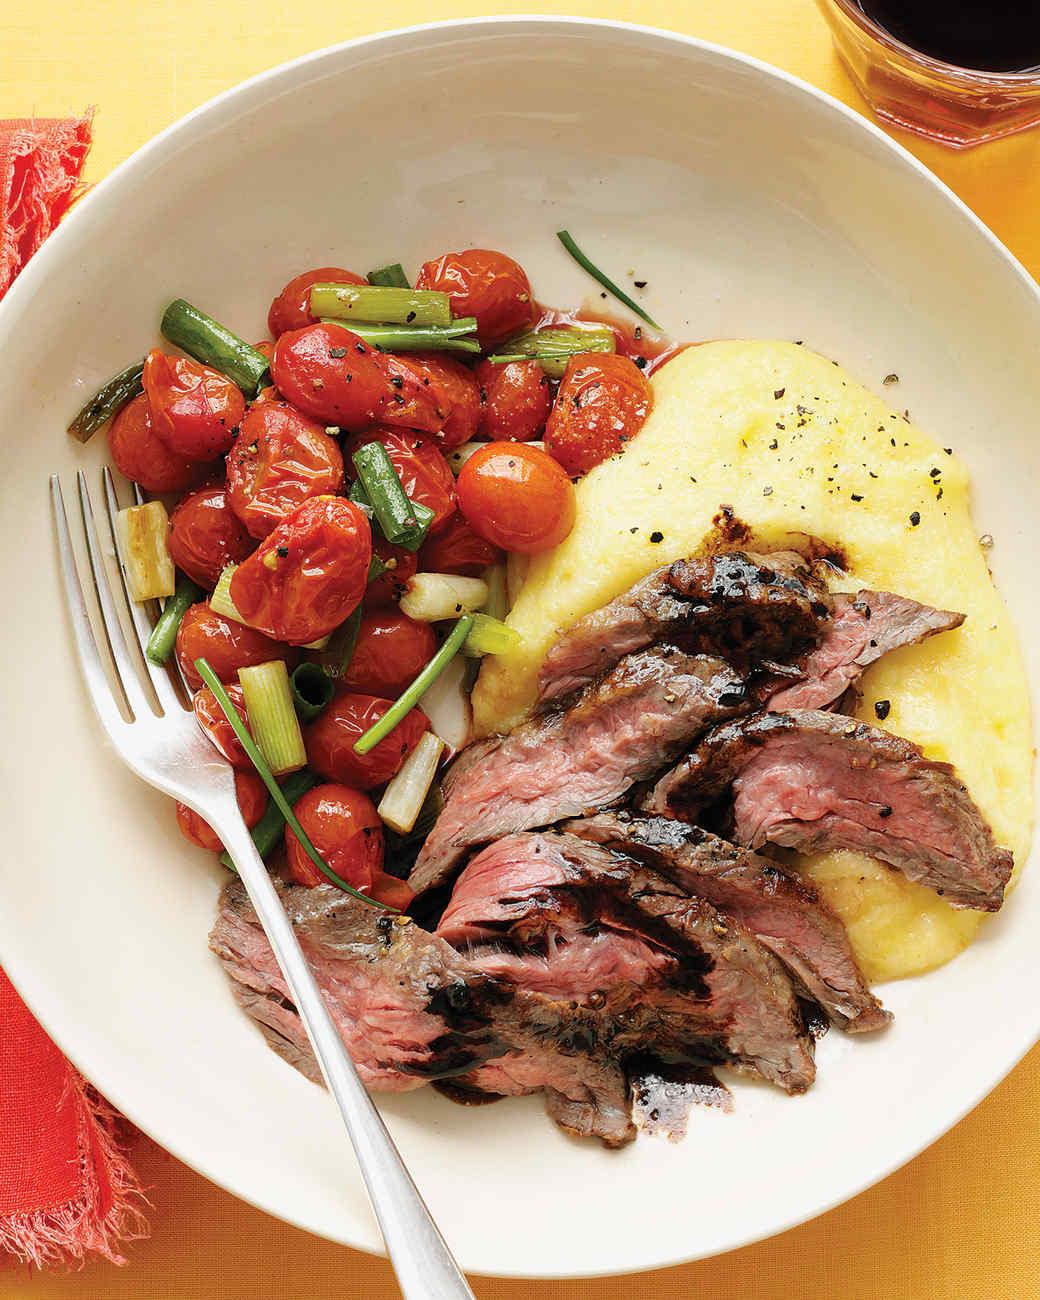 med103553_0308_steak.jpg